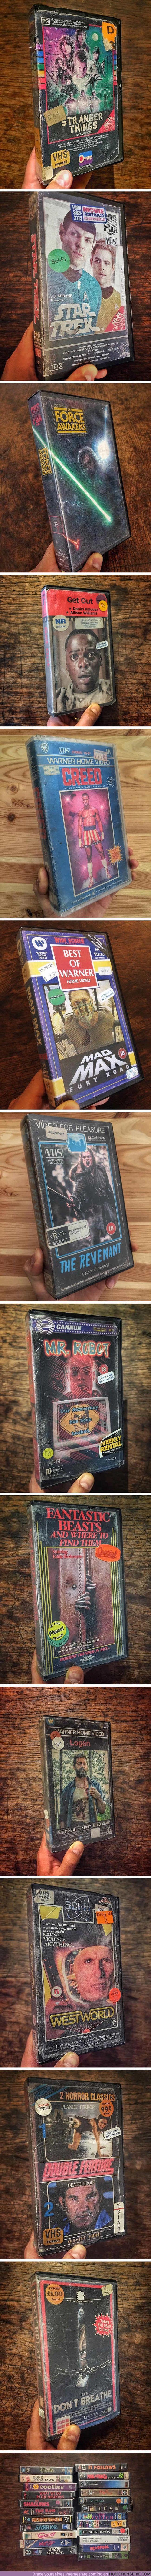 15529 - GALERÍA: Las portadas VHS Retro de películas y series actuales